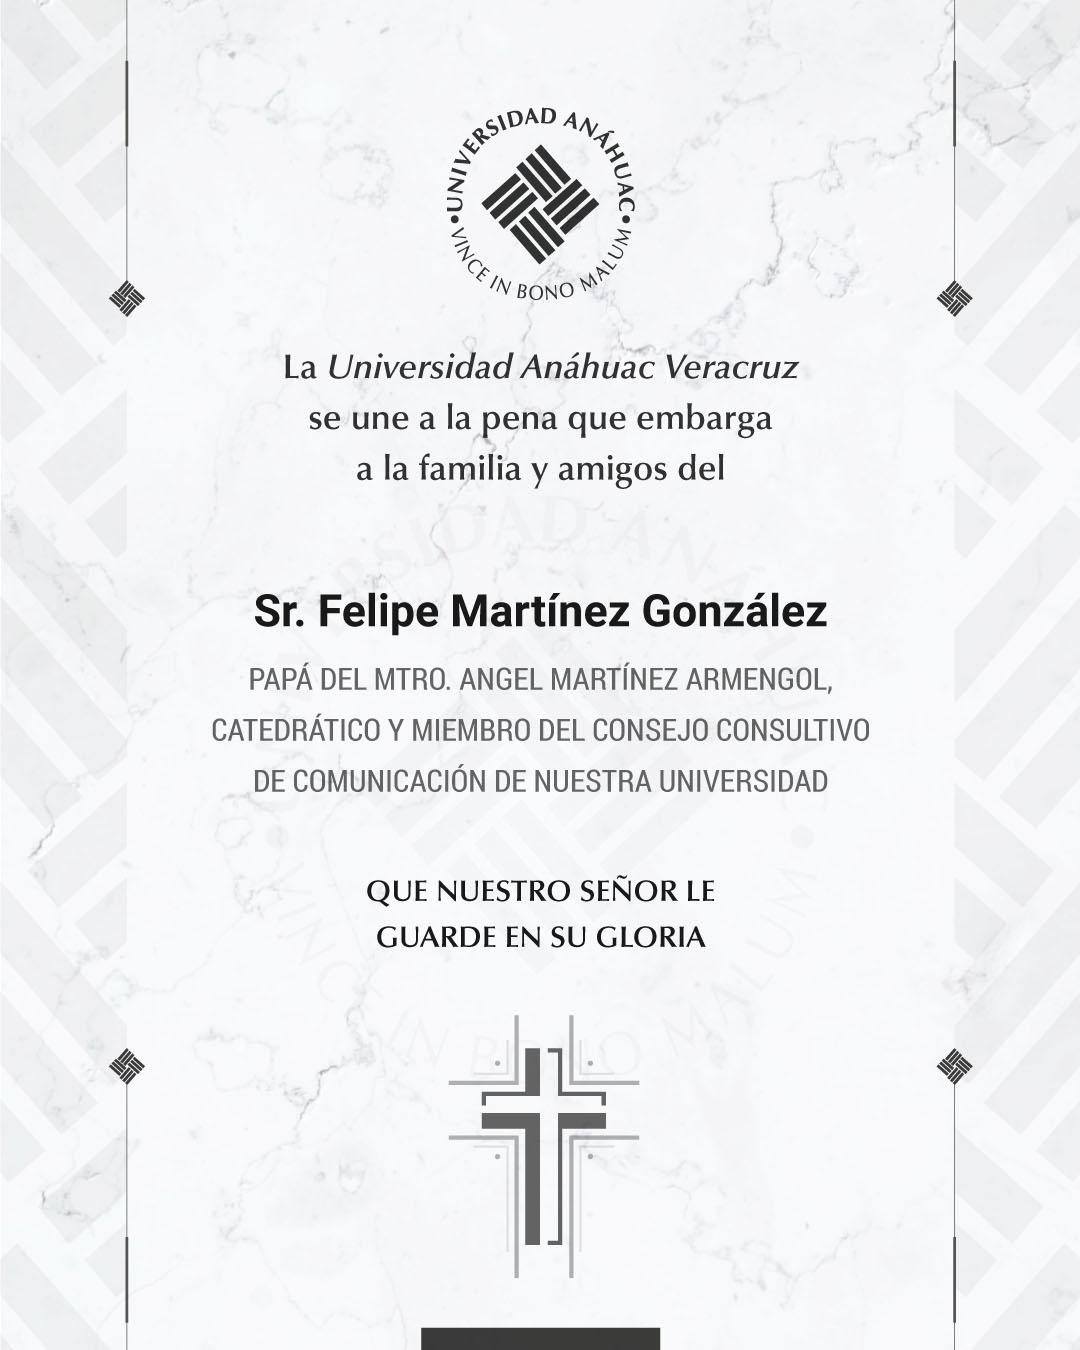 7 / 14 - Sr. Felipe Martínez González